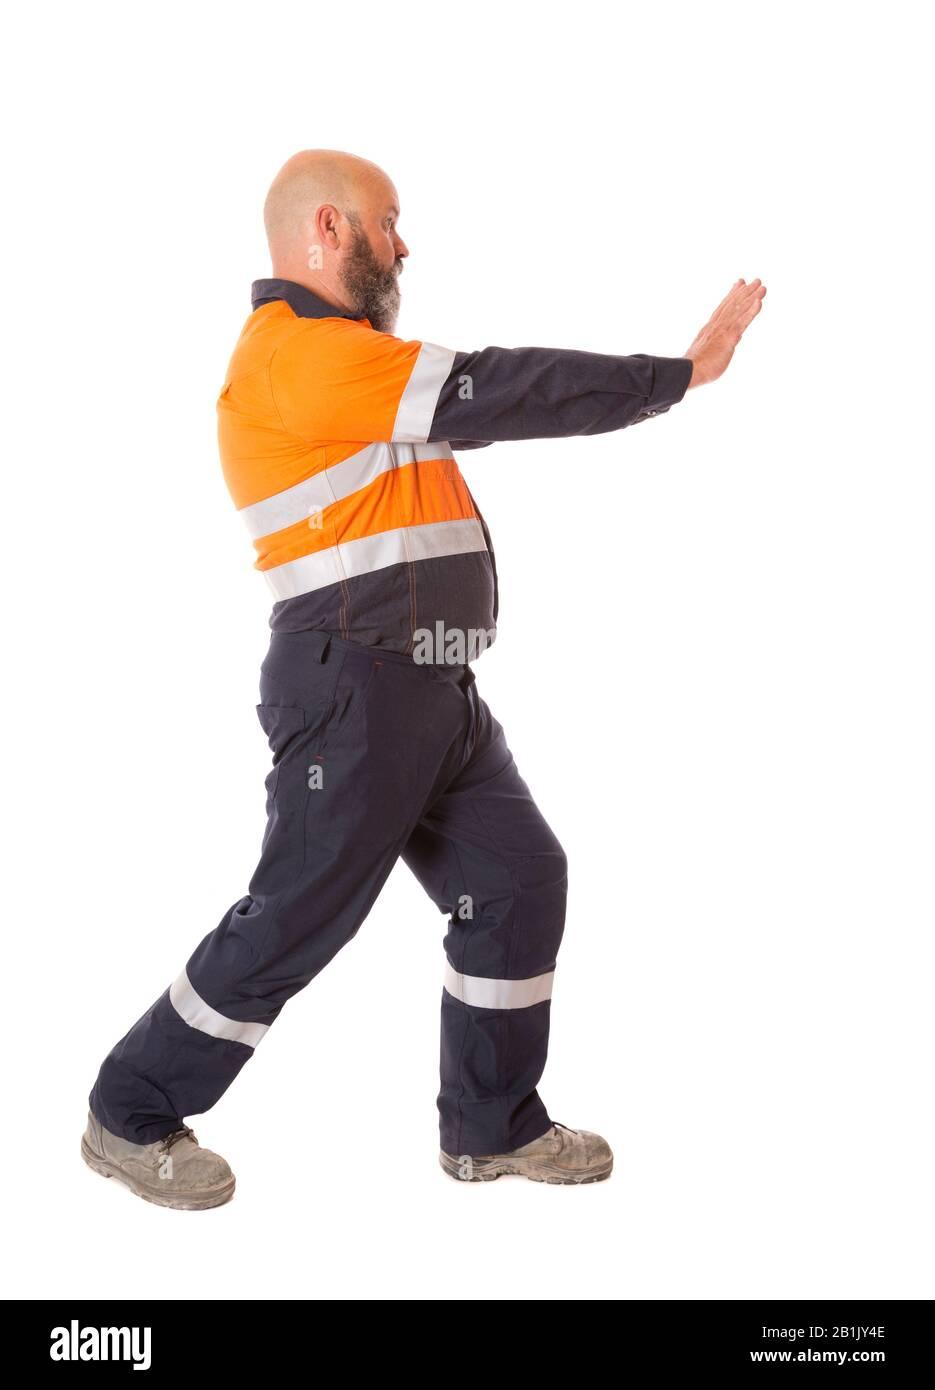 Exercices d'étirement avant démarrage pour réduire les blessures sur le lieu de travail. Série sur fond blanc. Banque D'Images